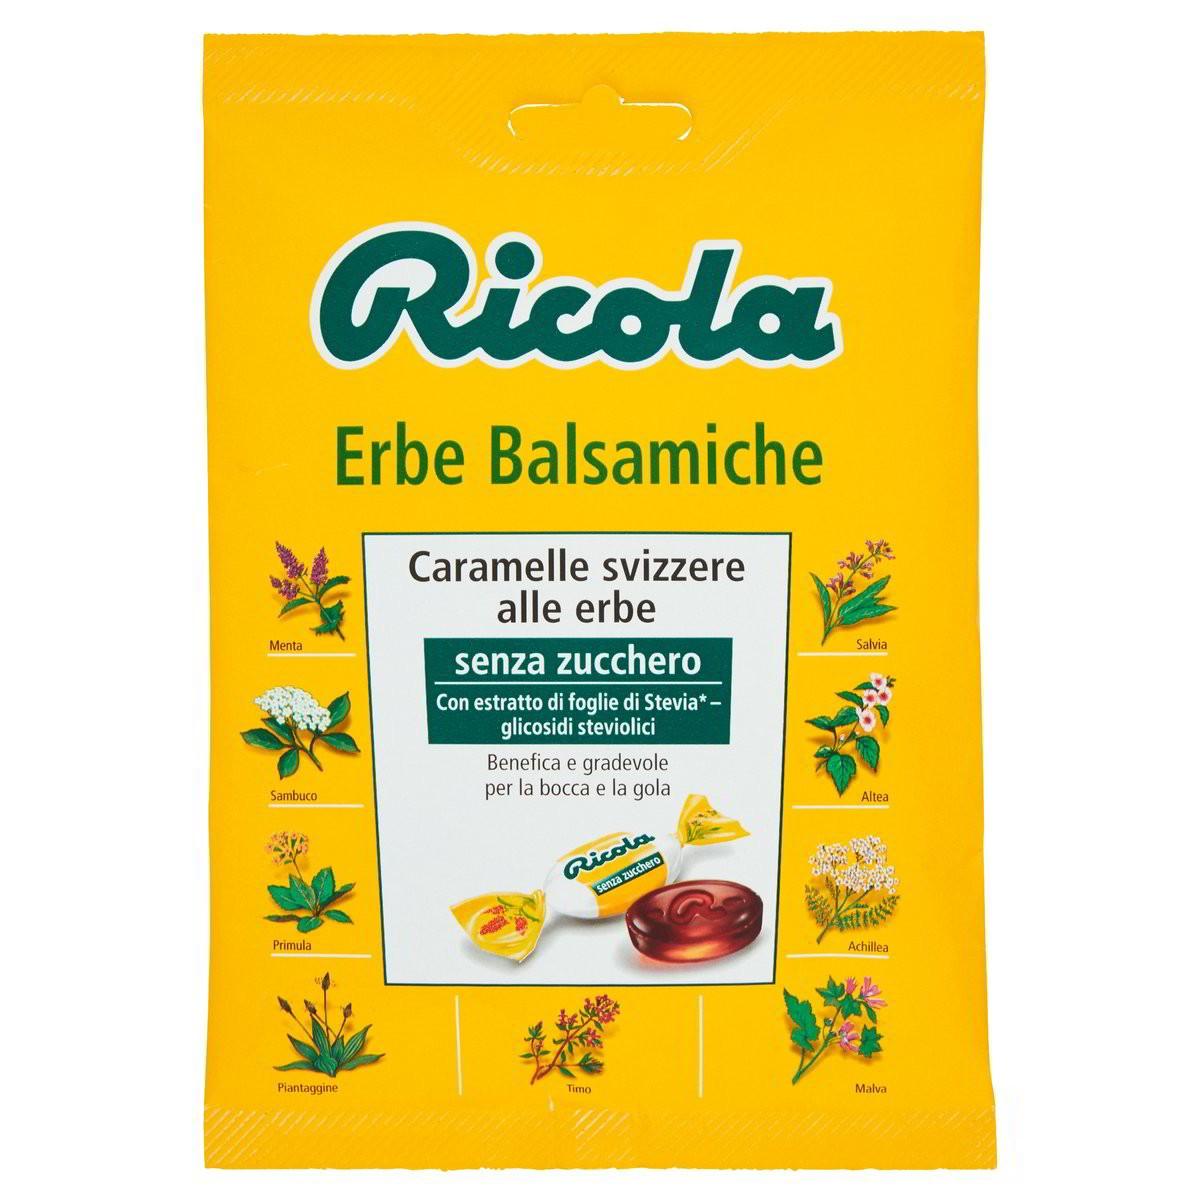 Caramelle Svizzere Erbe Balsamiche